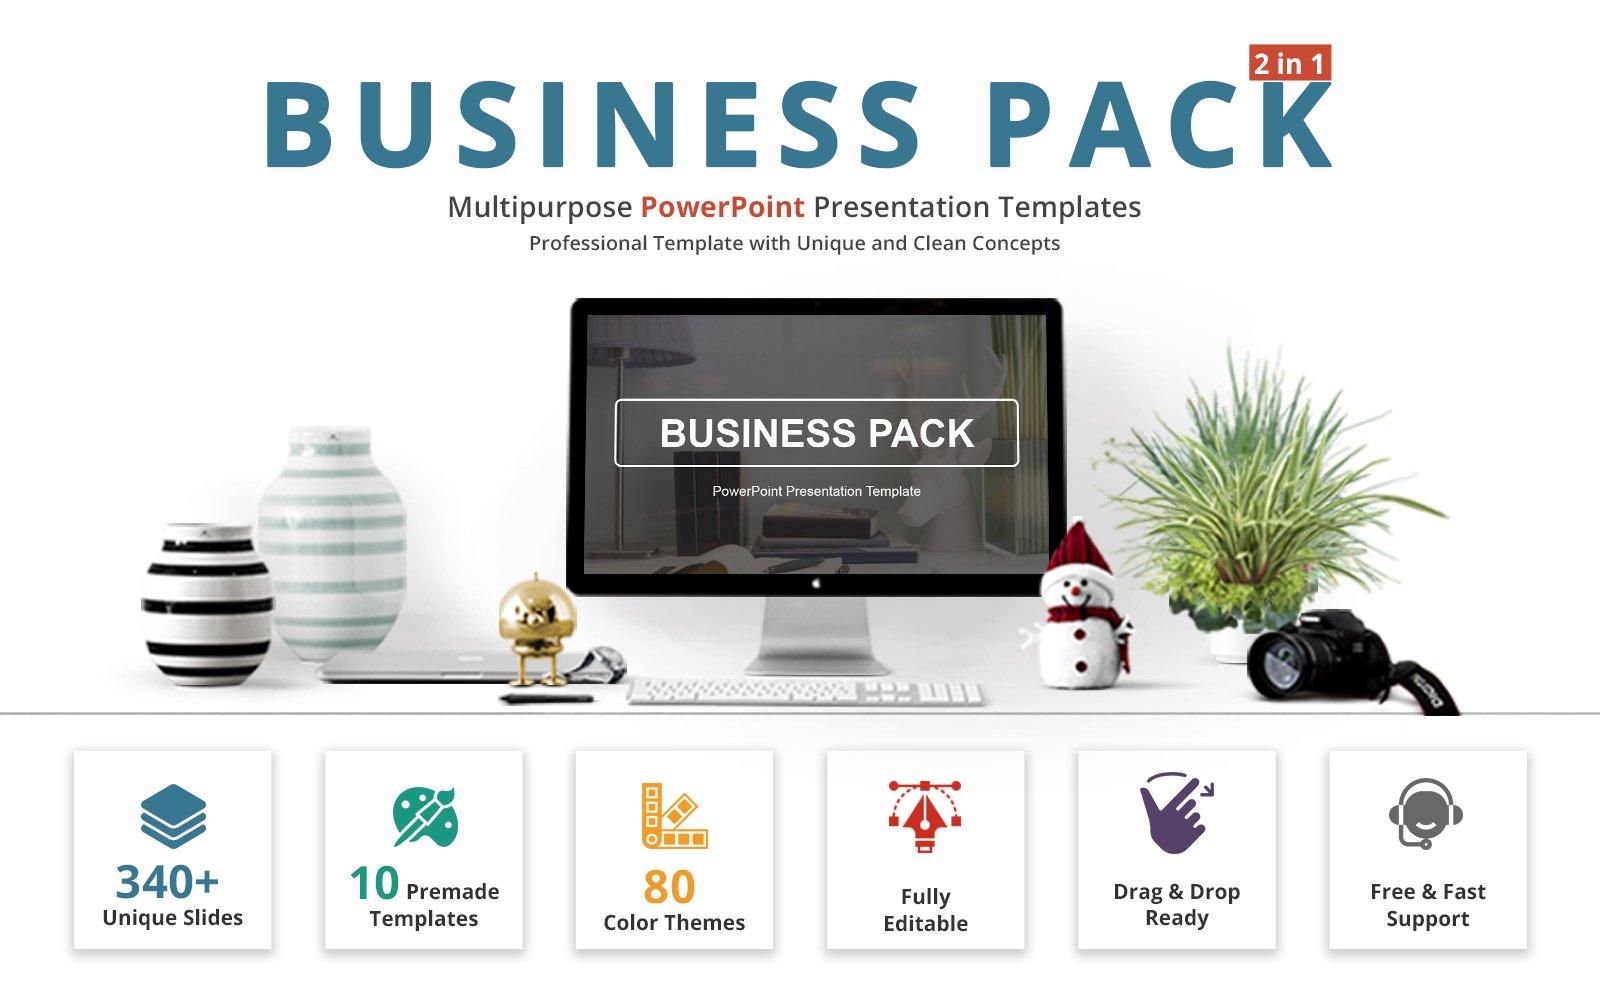 Business Pack PowerPoint Template - screenshot